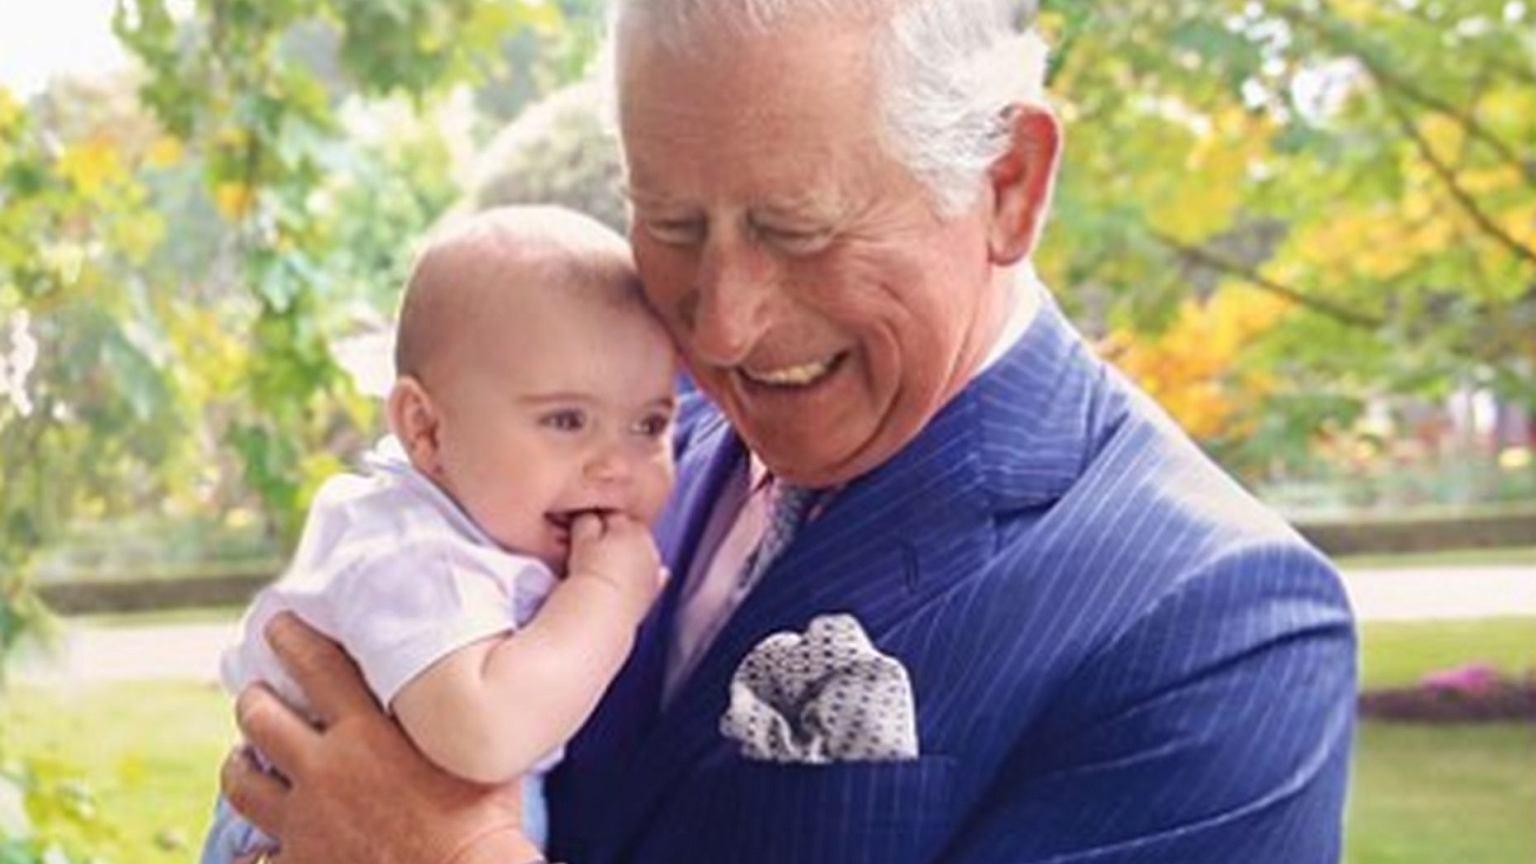 Książę Louis z księciem Karolem na okładce. Jednak to zdjęcie zza kulis jest najciekawsze! Maluch płatał dziadkowi figle